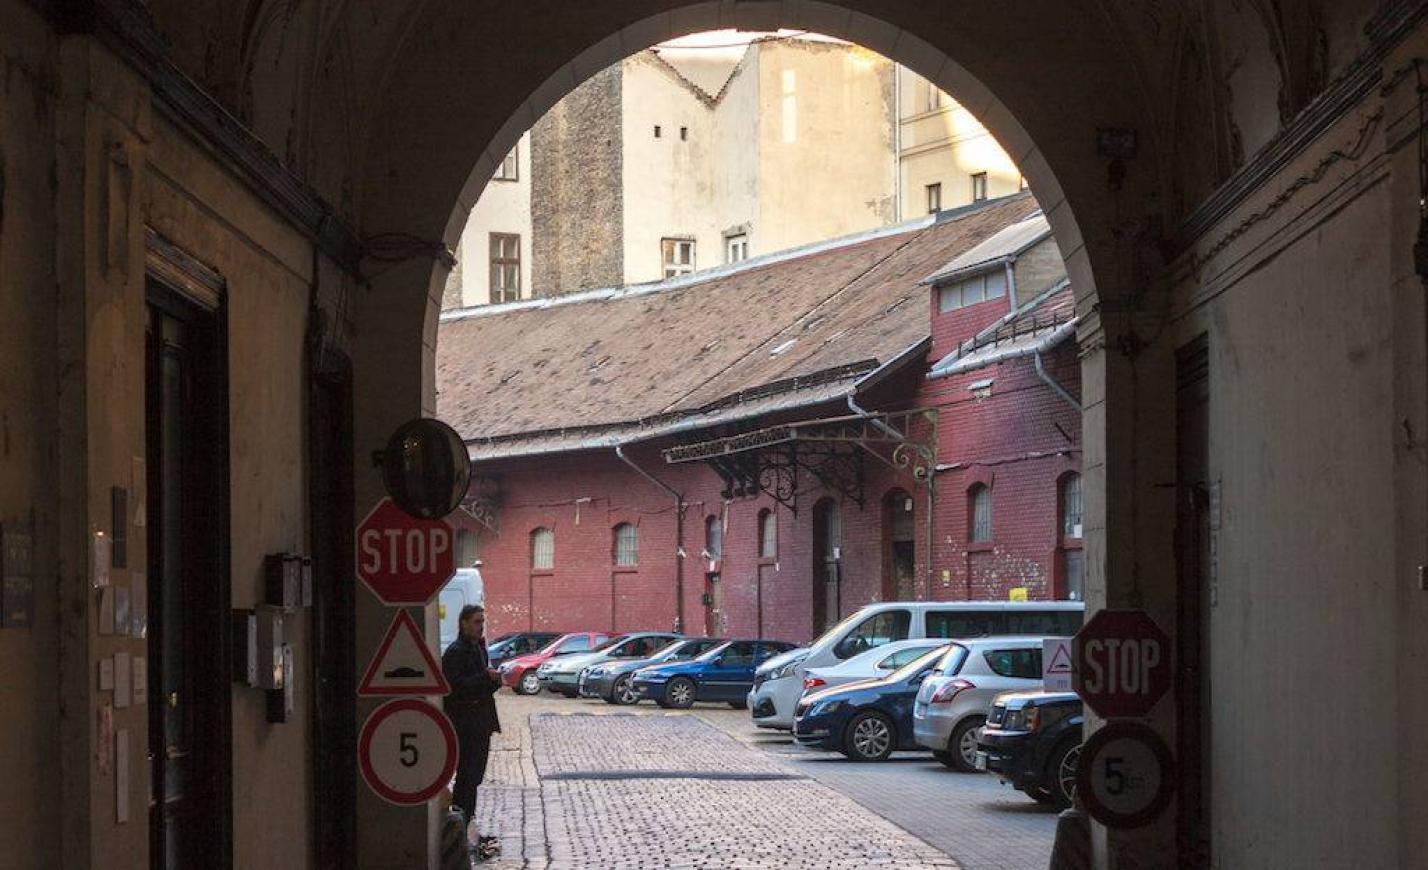 Ismeretlen Budapest: Évszázados kereskedőudvar az Iparművészeti Múzeum árnyékában